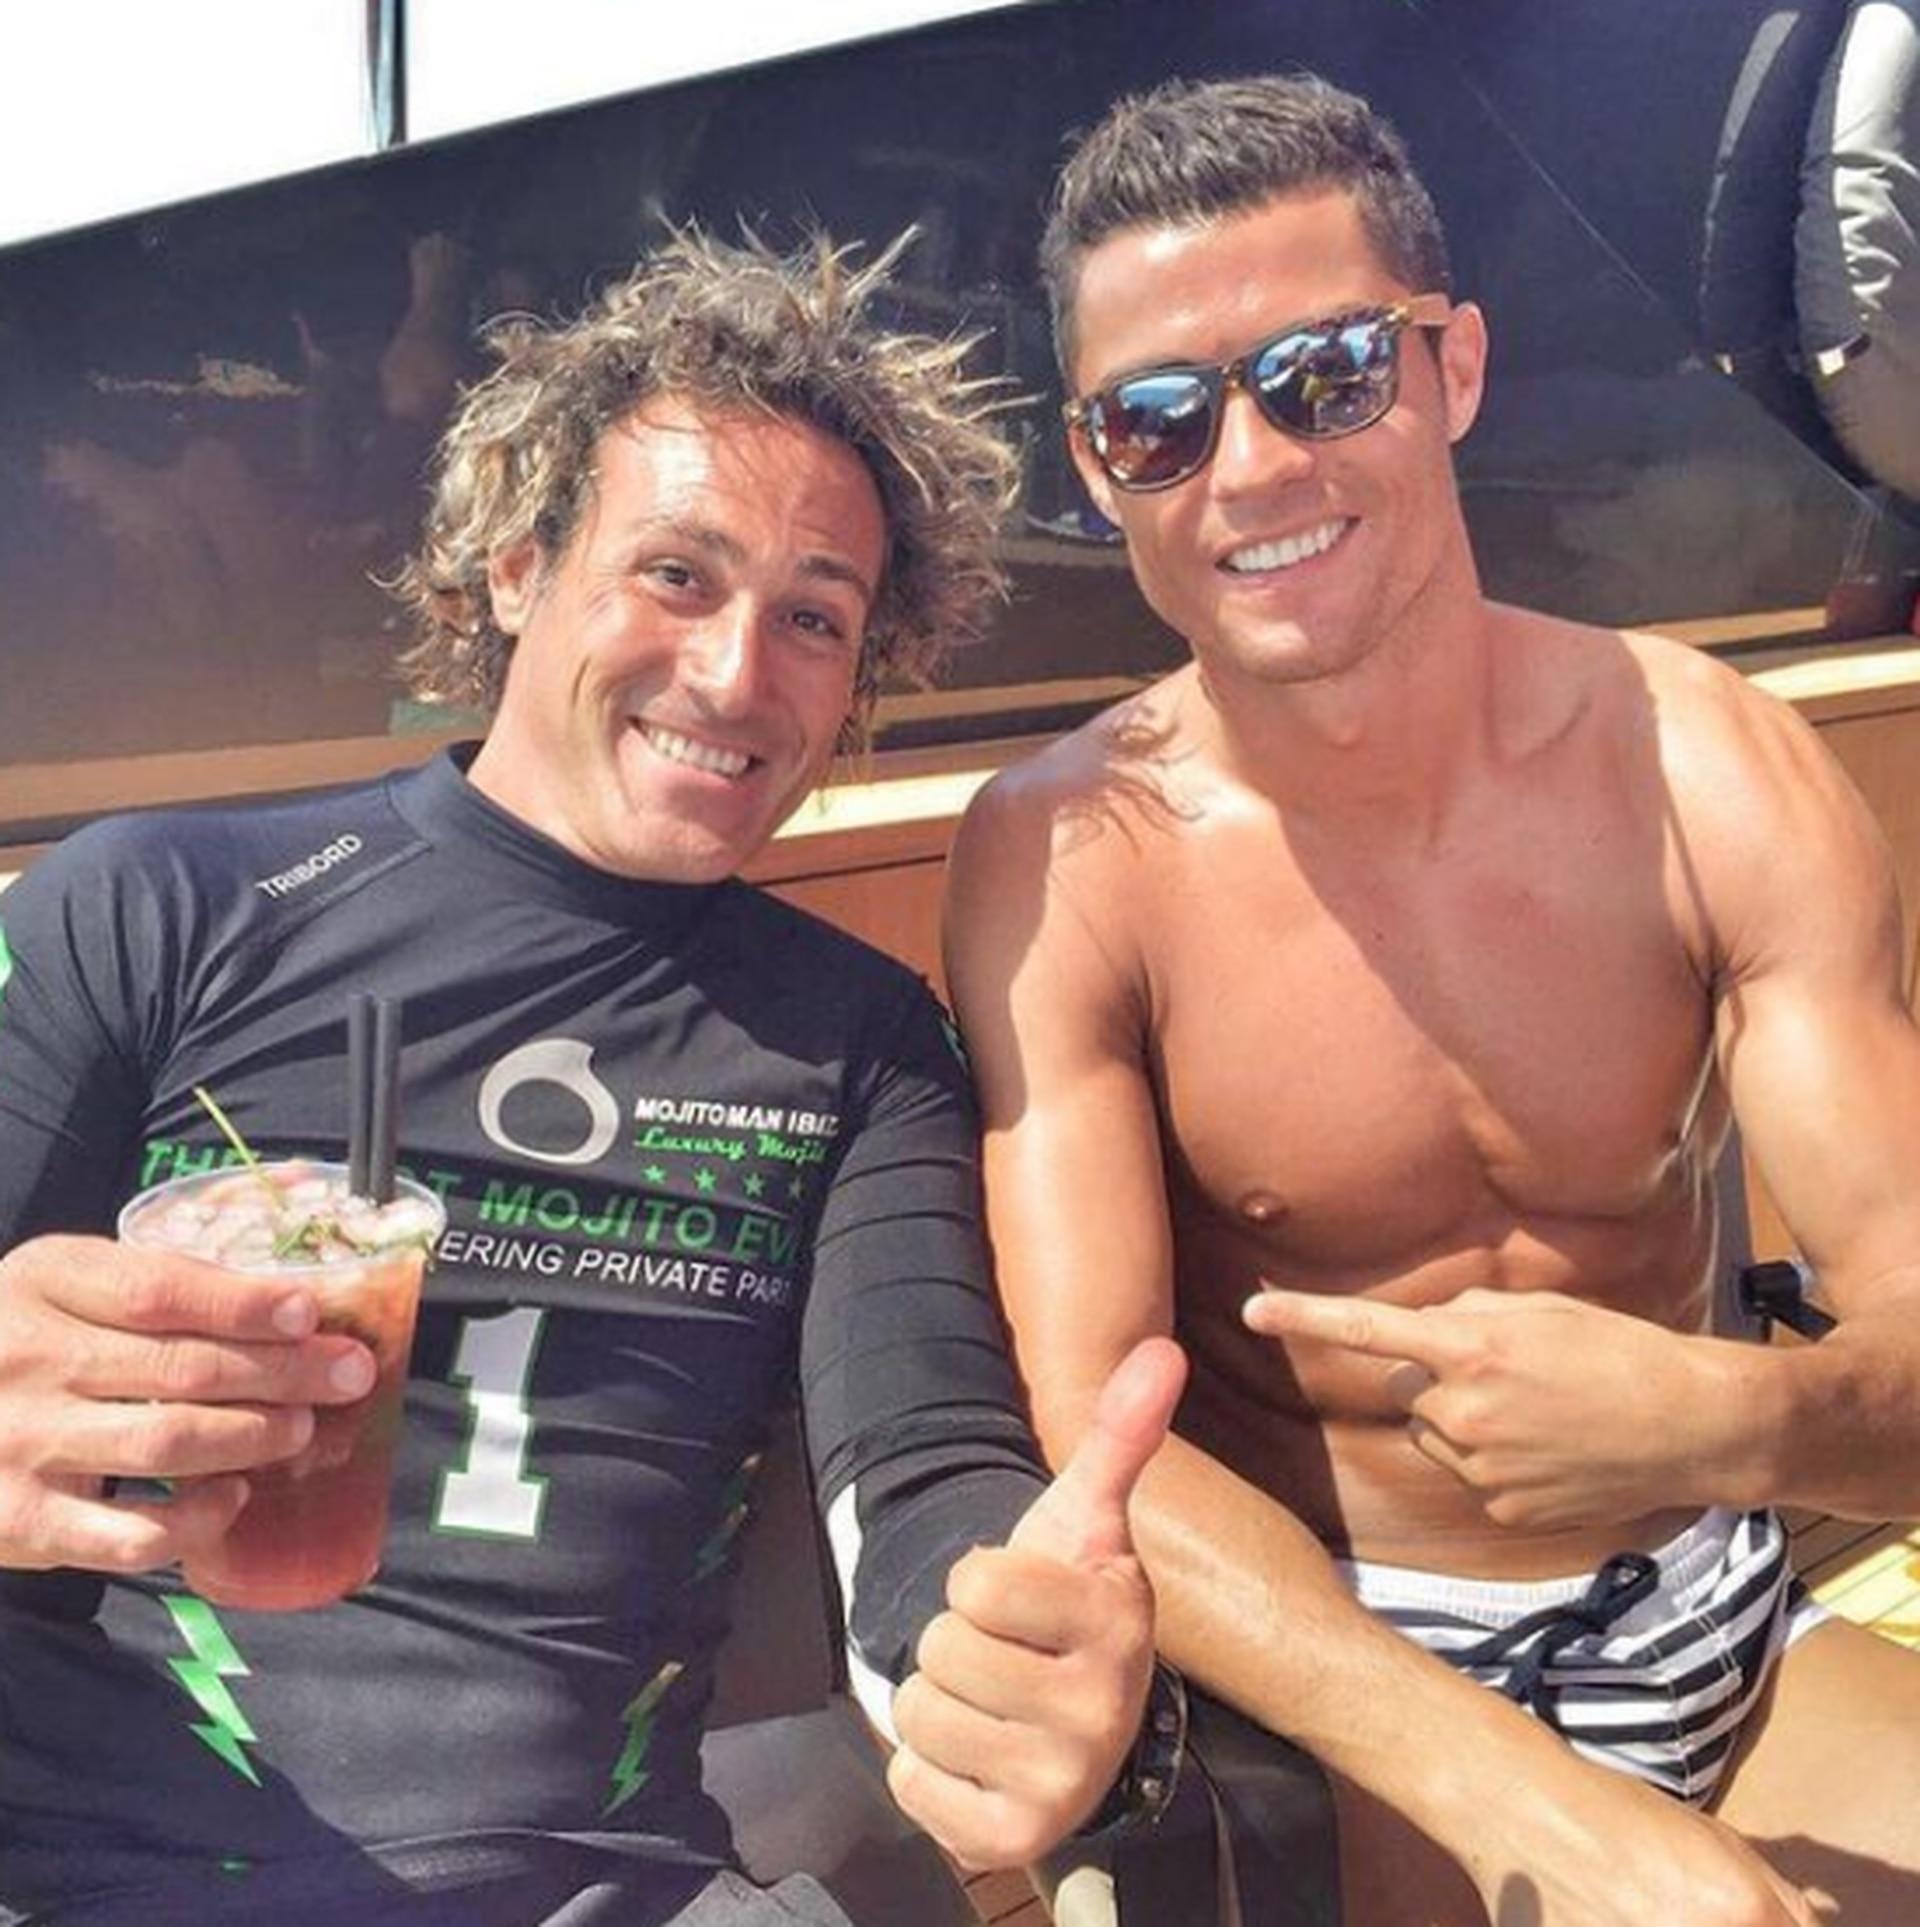 Mojitoman junto a Cristiano Ronaldo, futbolista del Manchester United